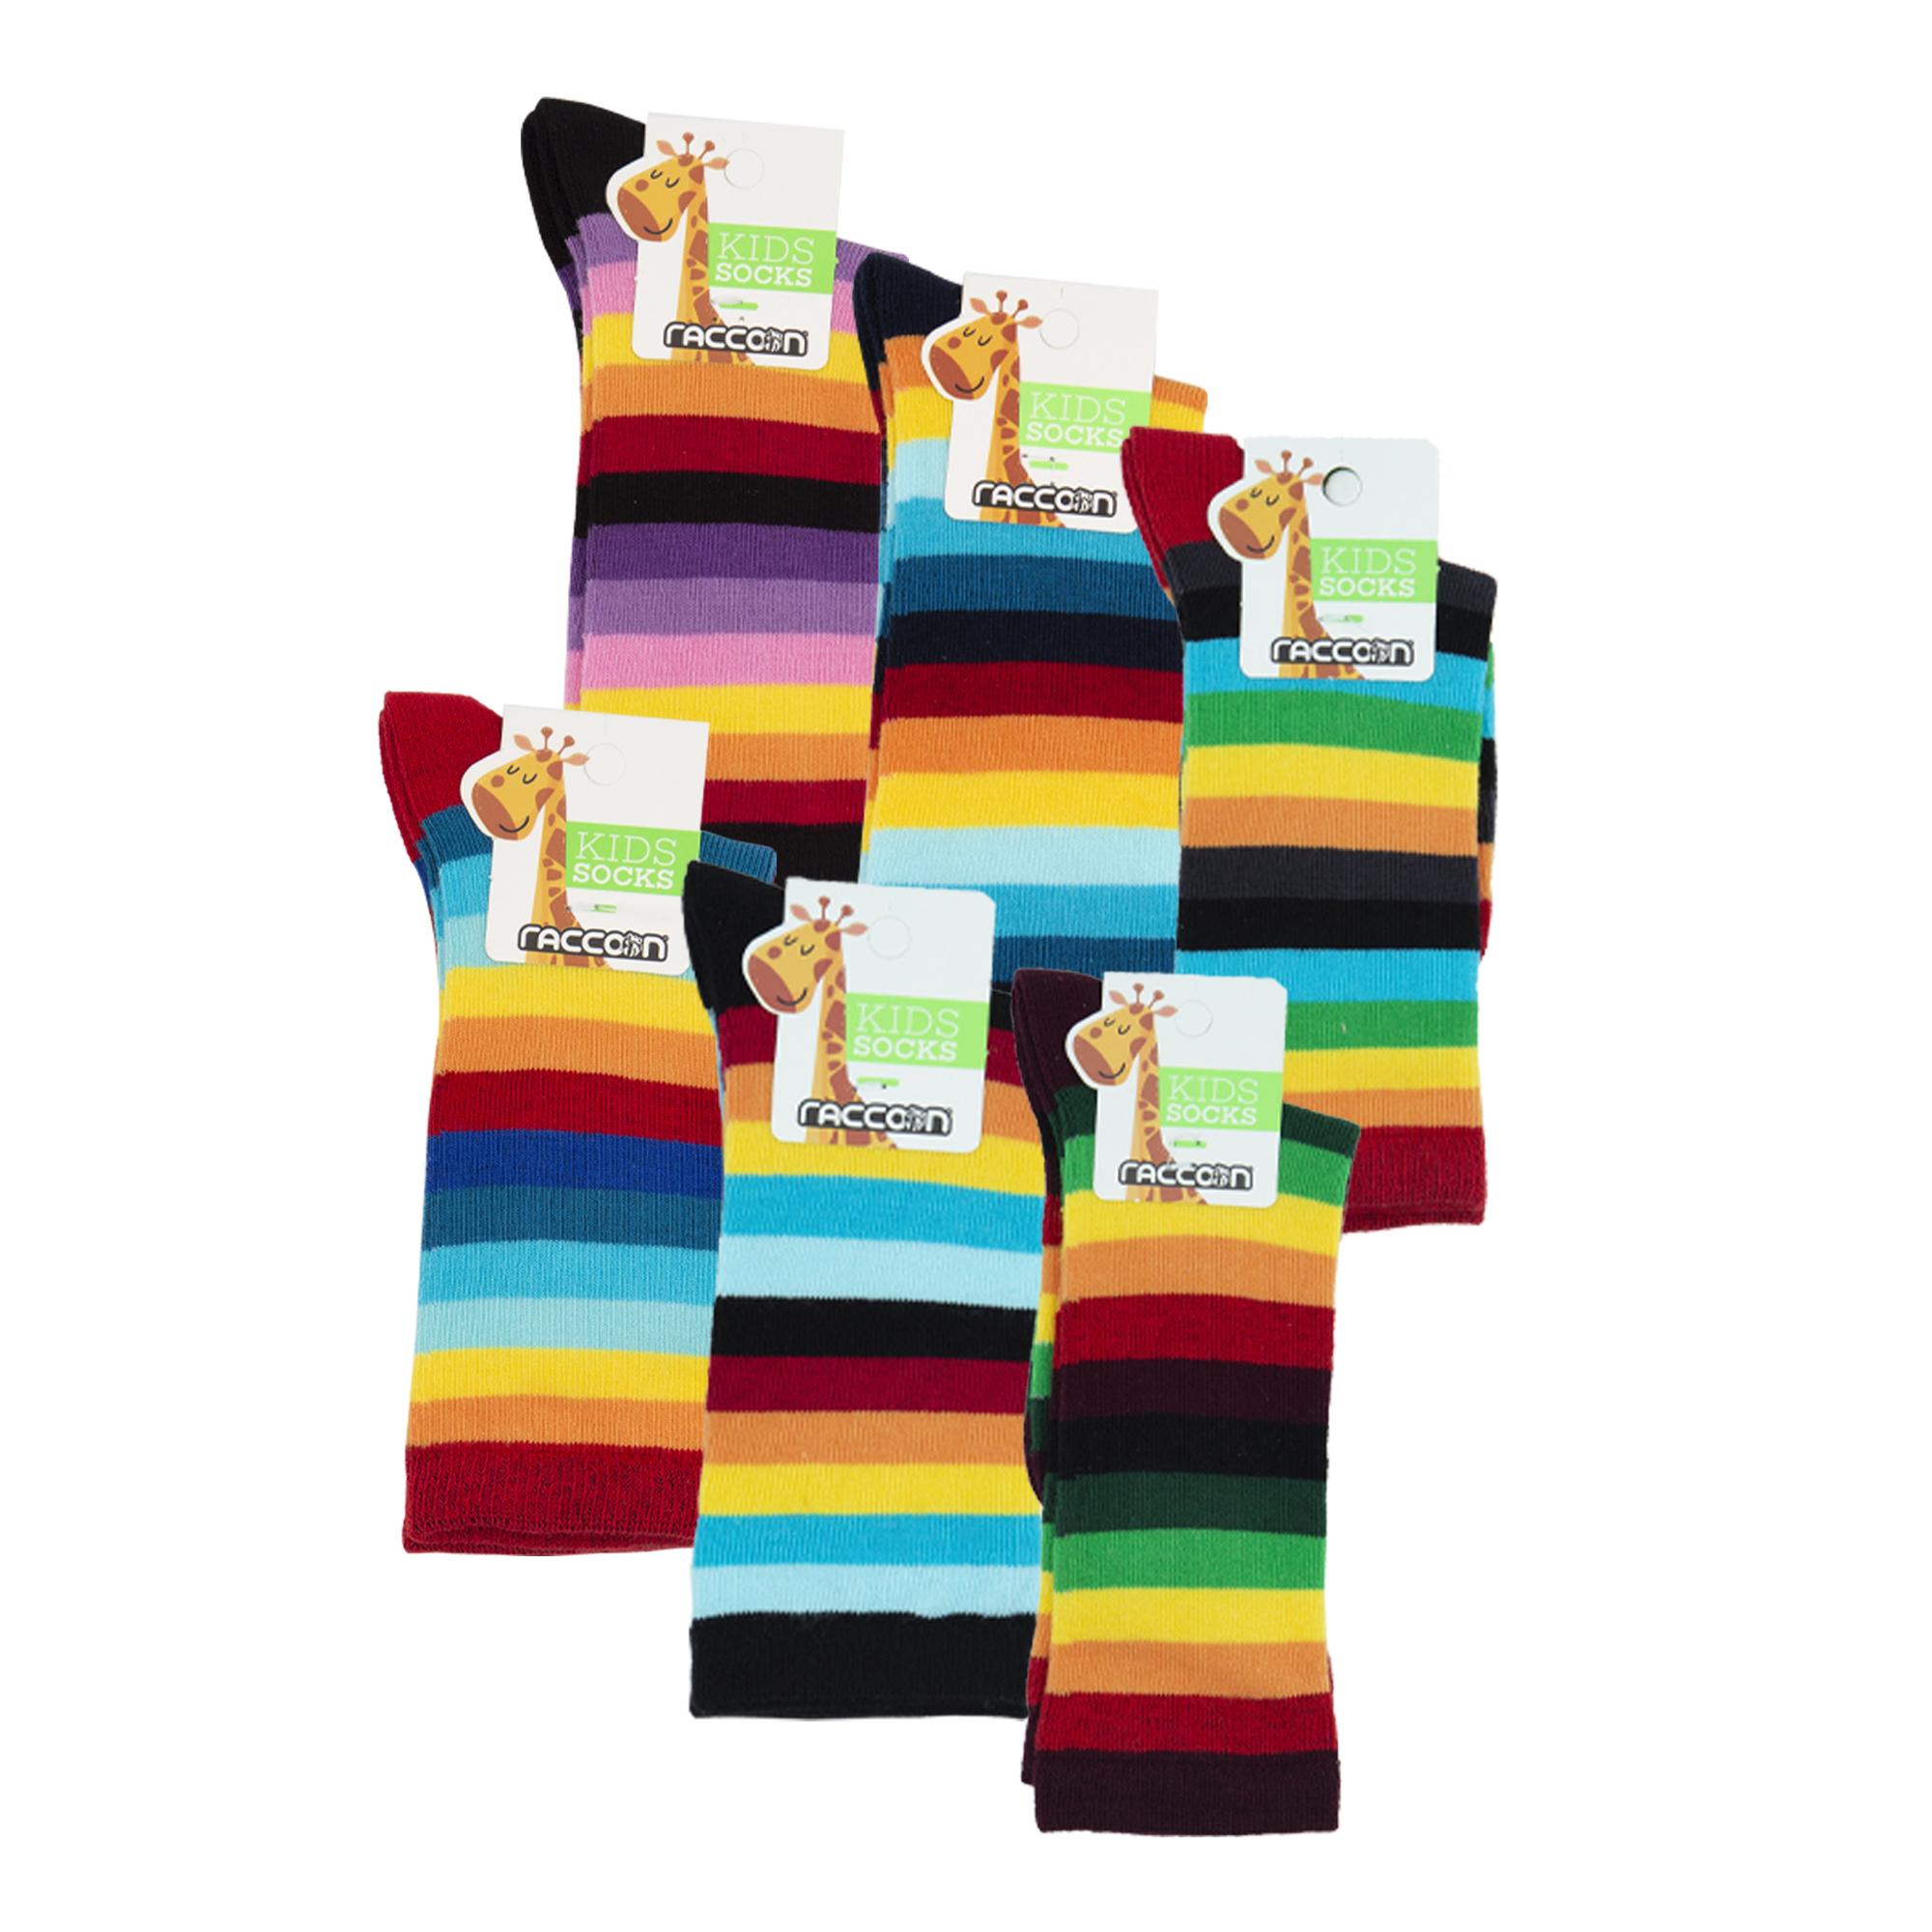 جوراب دخترانه راکون مدل 102617 مجموعه 6 عددی